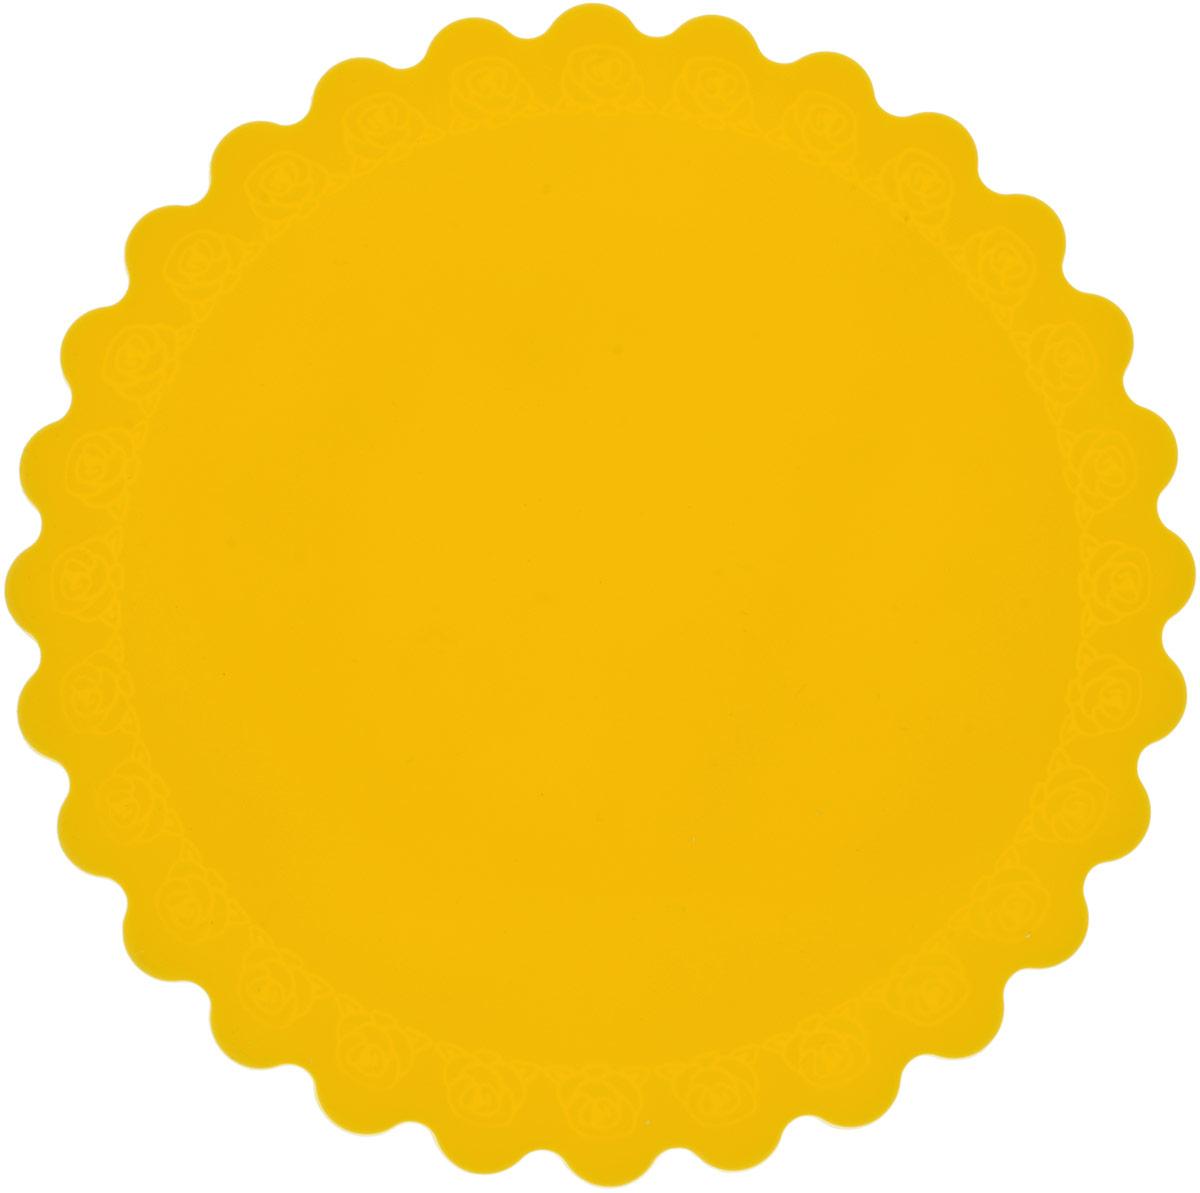 Подставка под горячее Доляна Цветок, цвет: желтый, диаметр 14 см1057101_желтыйСиликоновая подставка под горячее - практичный предмет, который обязательно пригодится в хозяйстве.Изделие поможет сберечь столы, тумбы, скатерти и клеенки от повреждения нагретыми сковородами, кастрюлями,чайниками и тарелками.